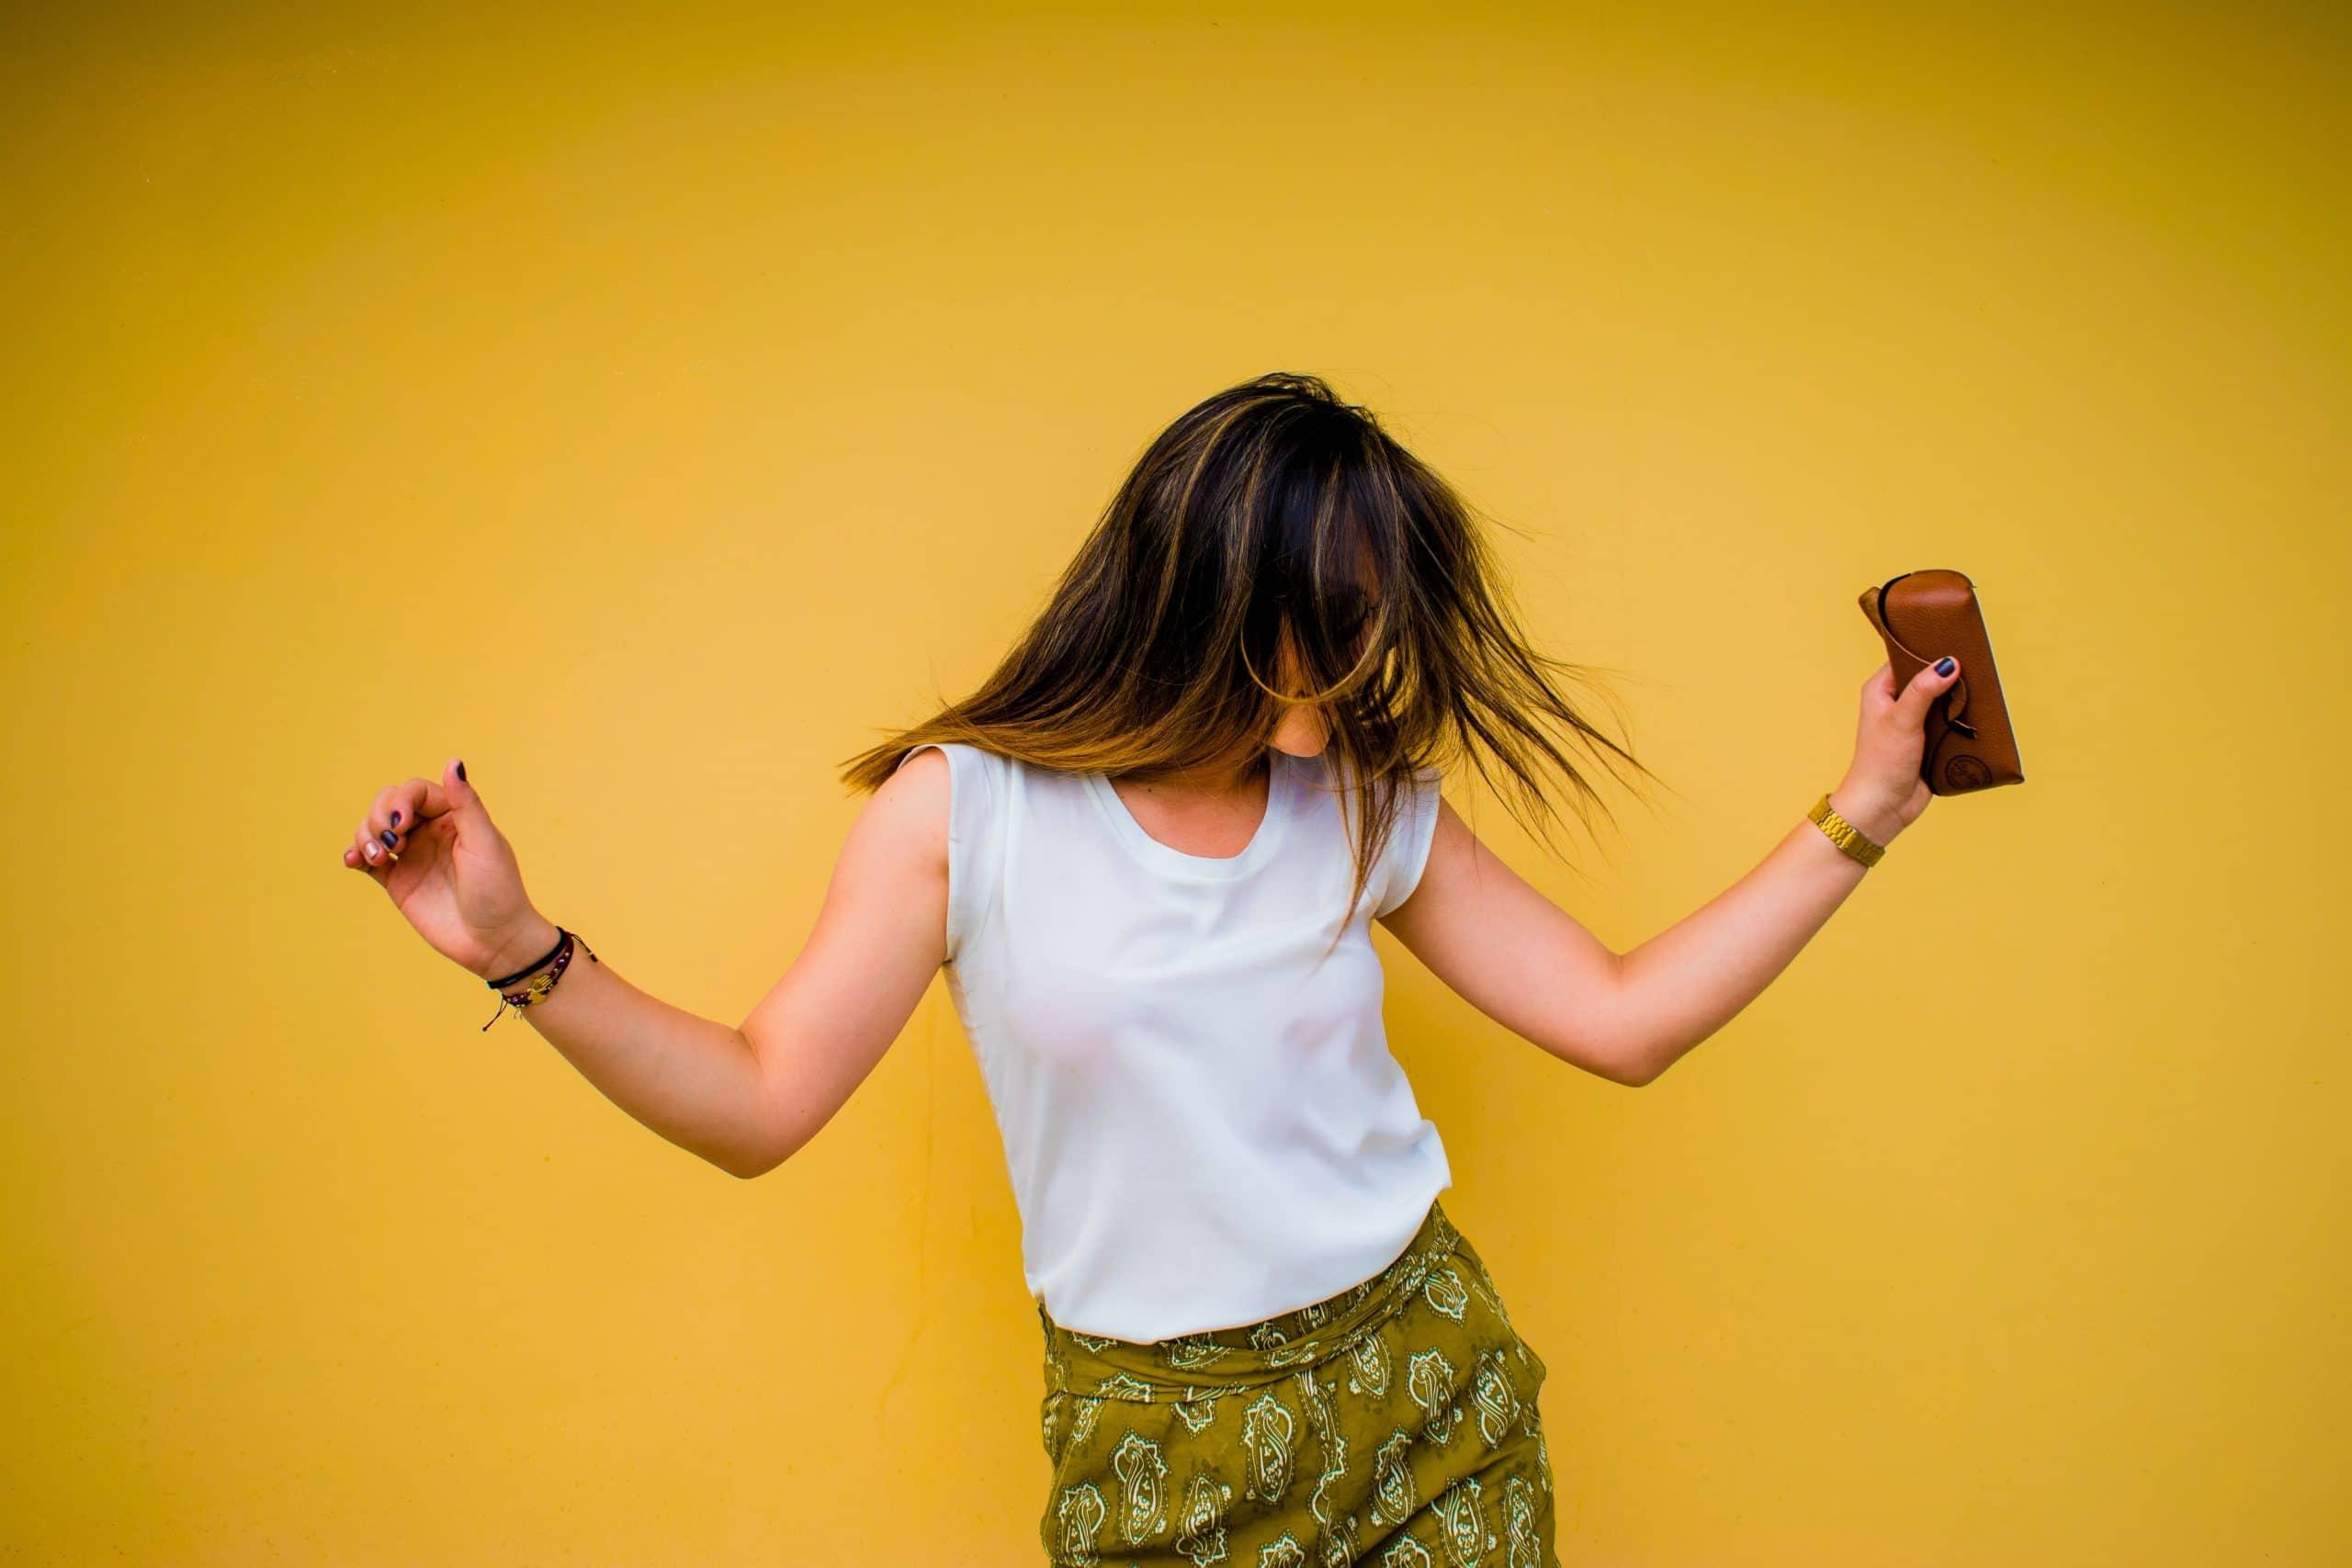 Mulher dançando em fundo amarelo